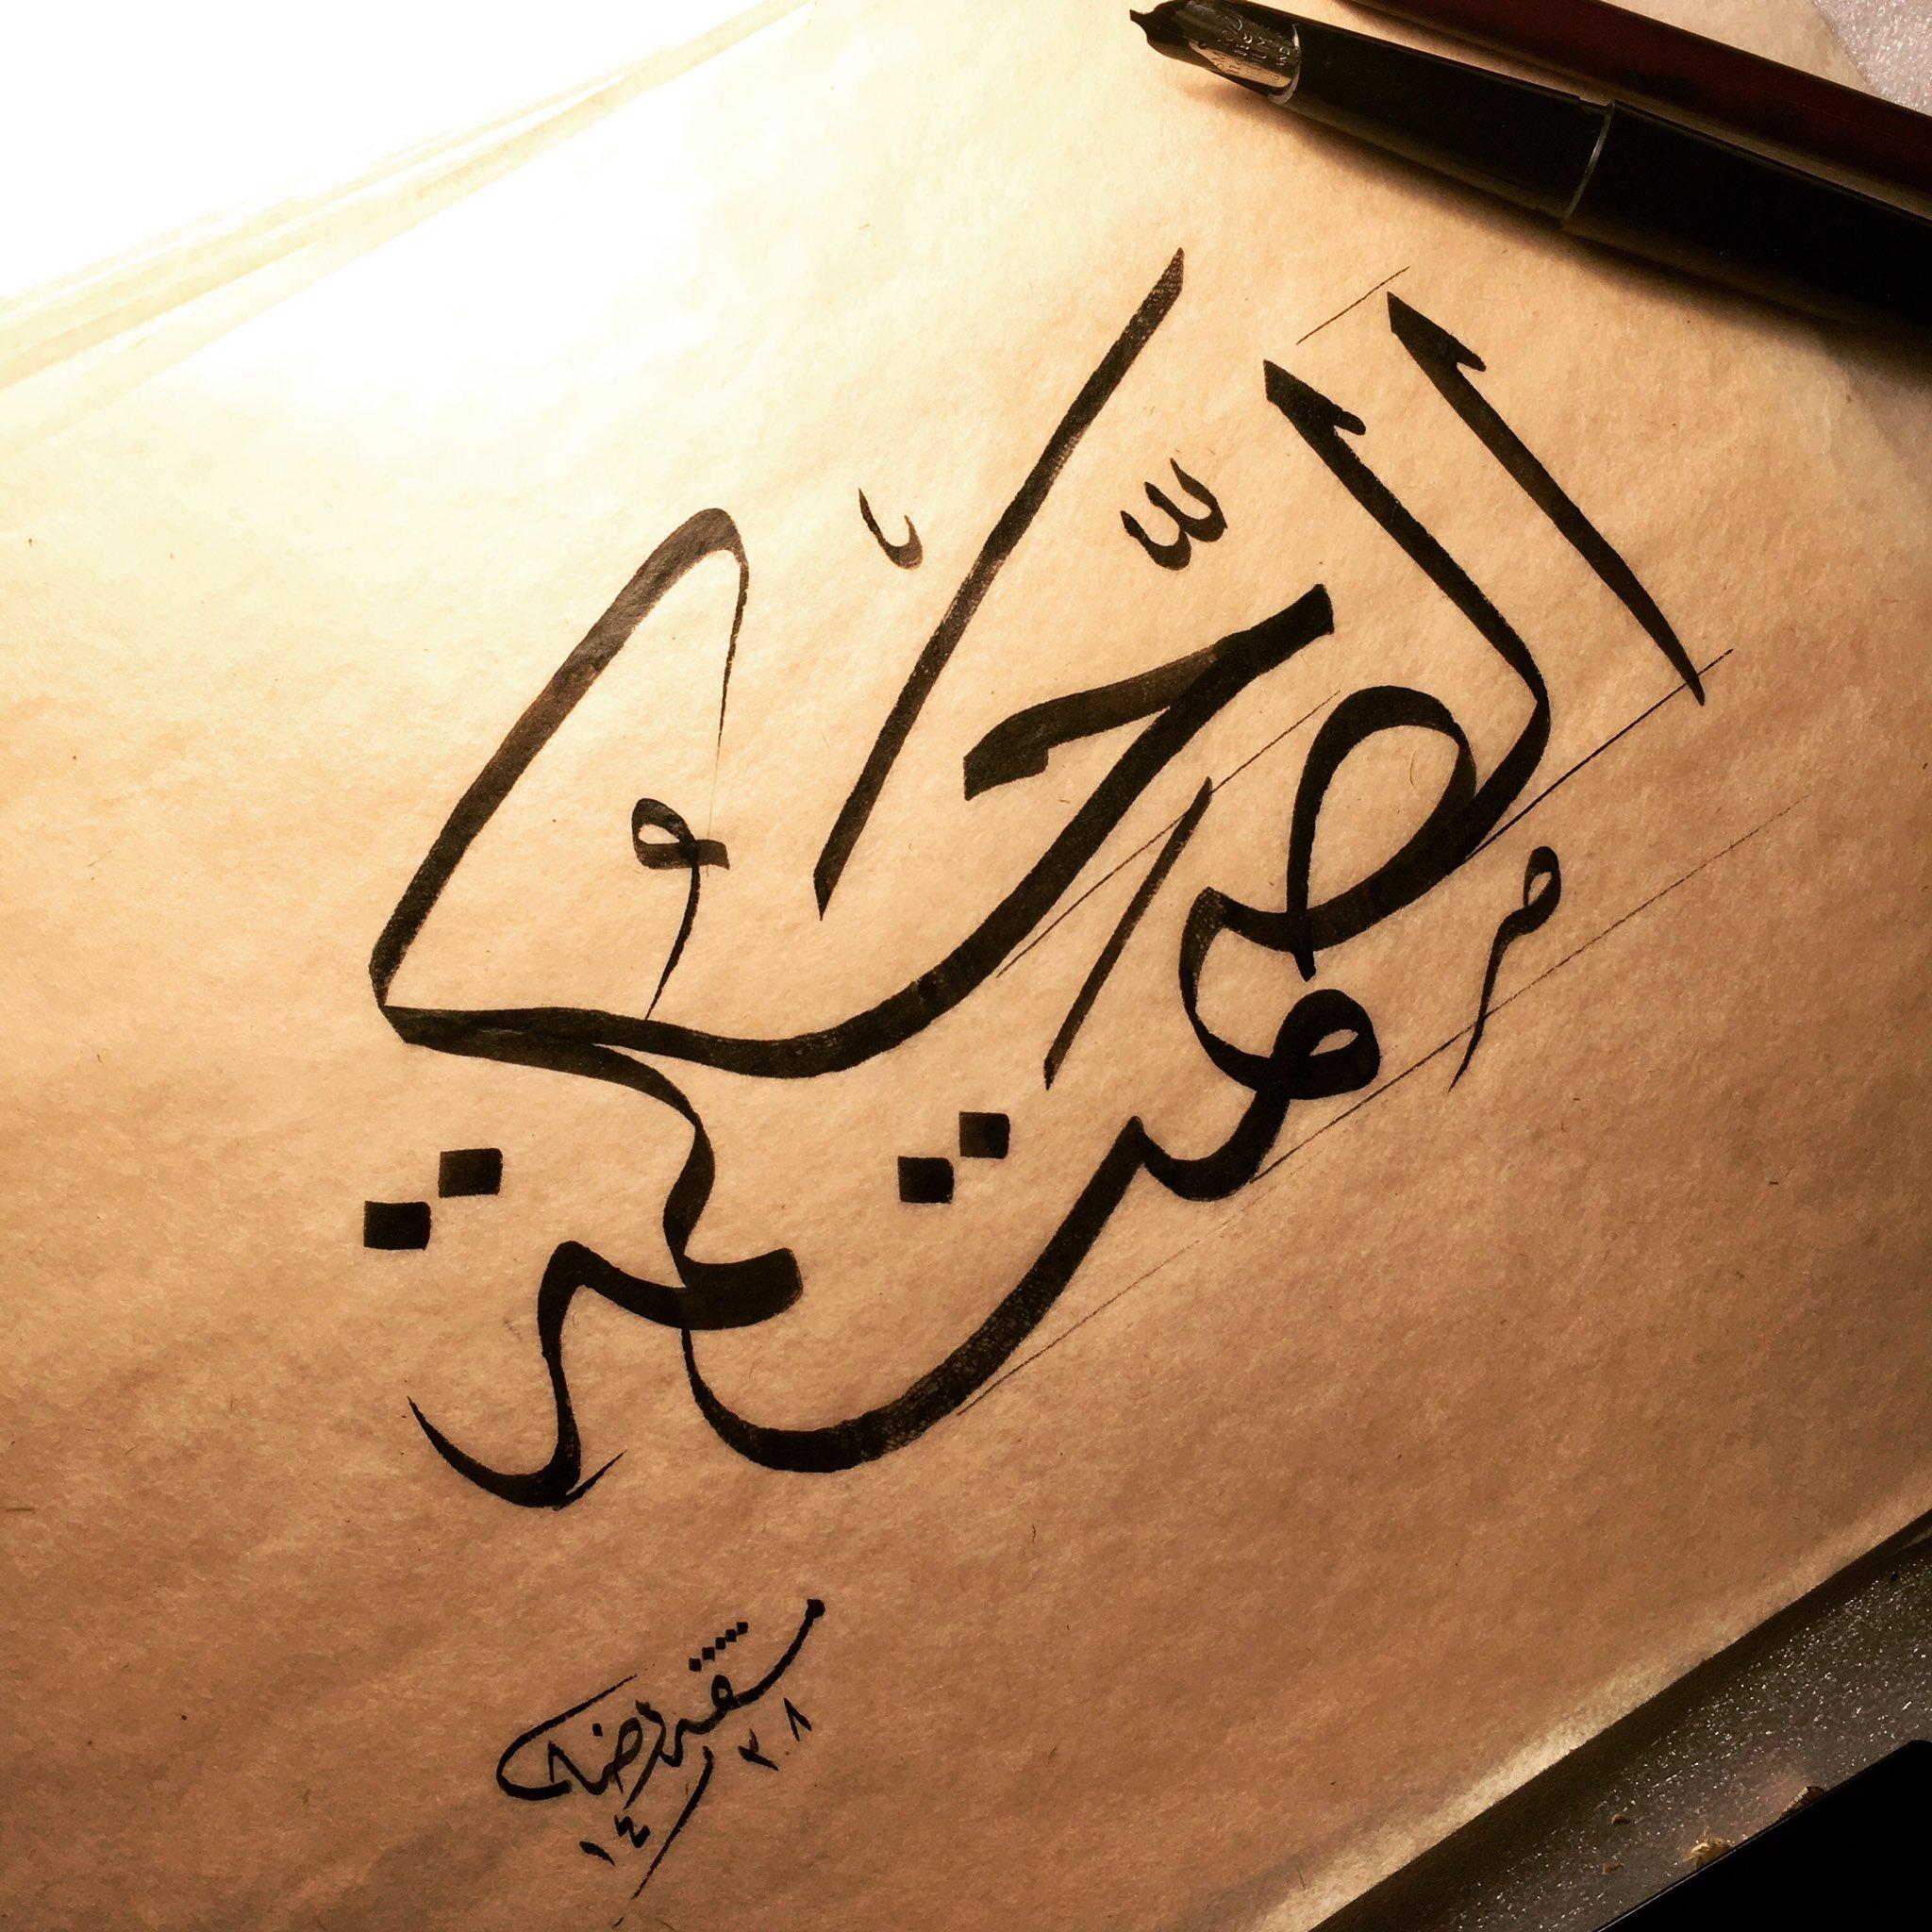 الصمت حكمة Calligraphy Words Arabic Calligraphy Painting Islamic Calligraphy